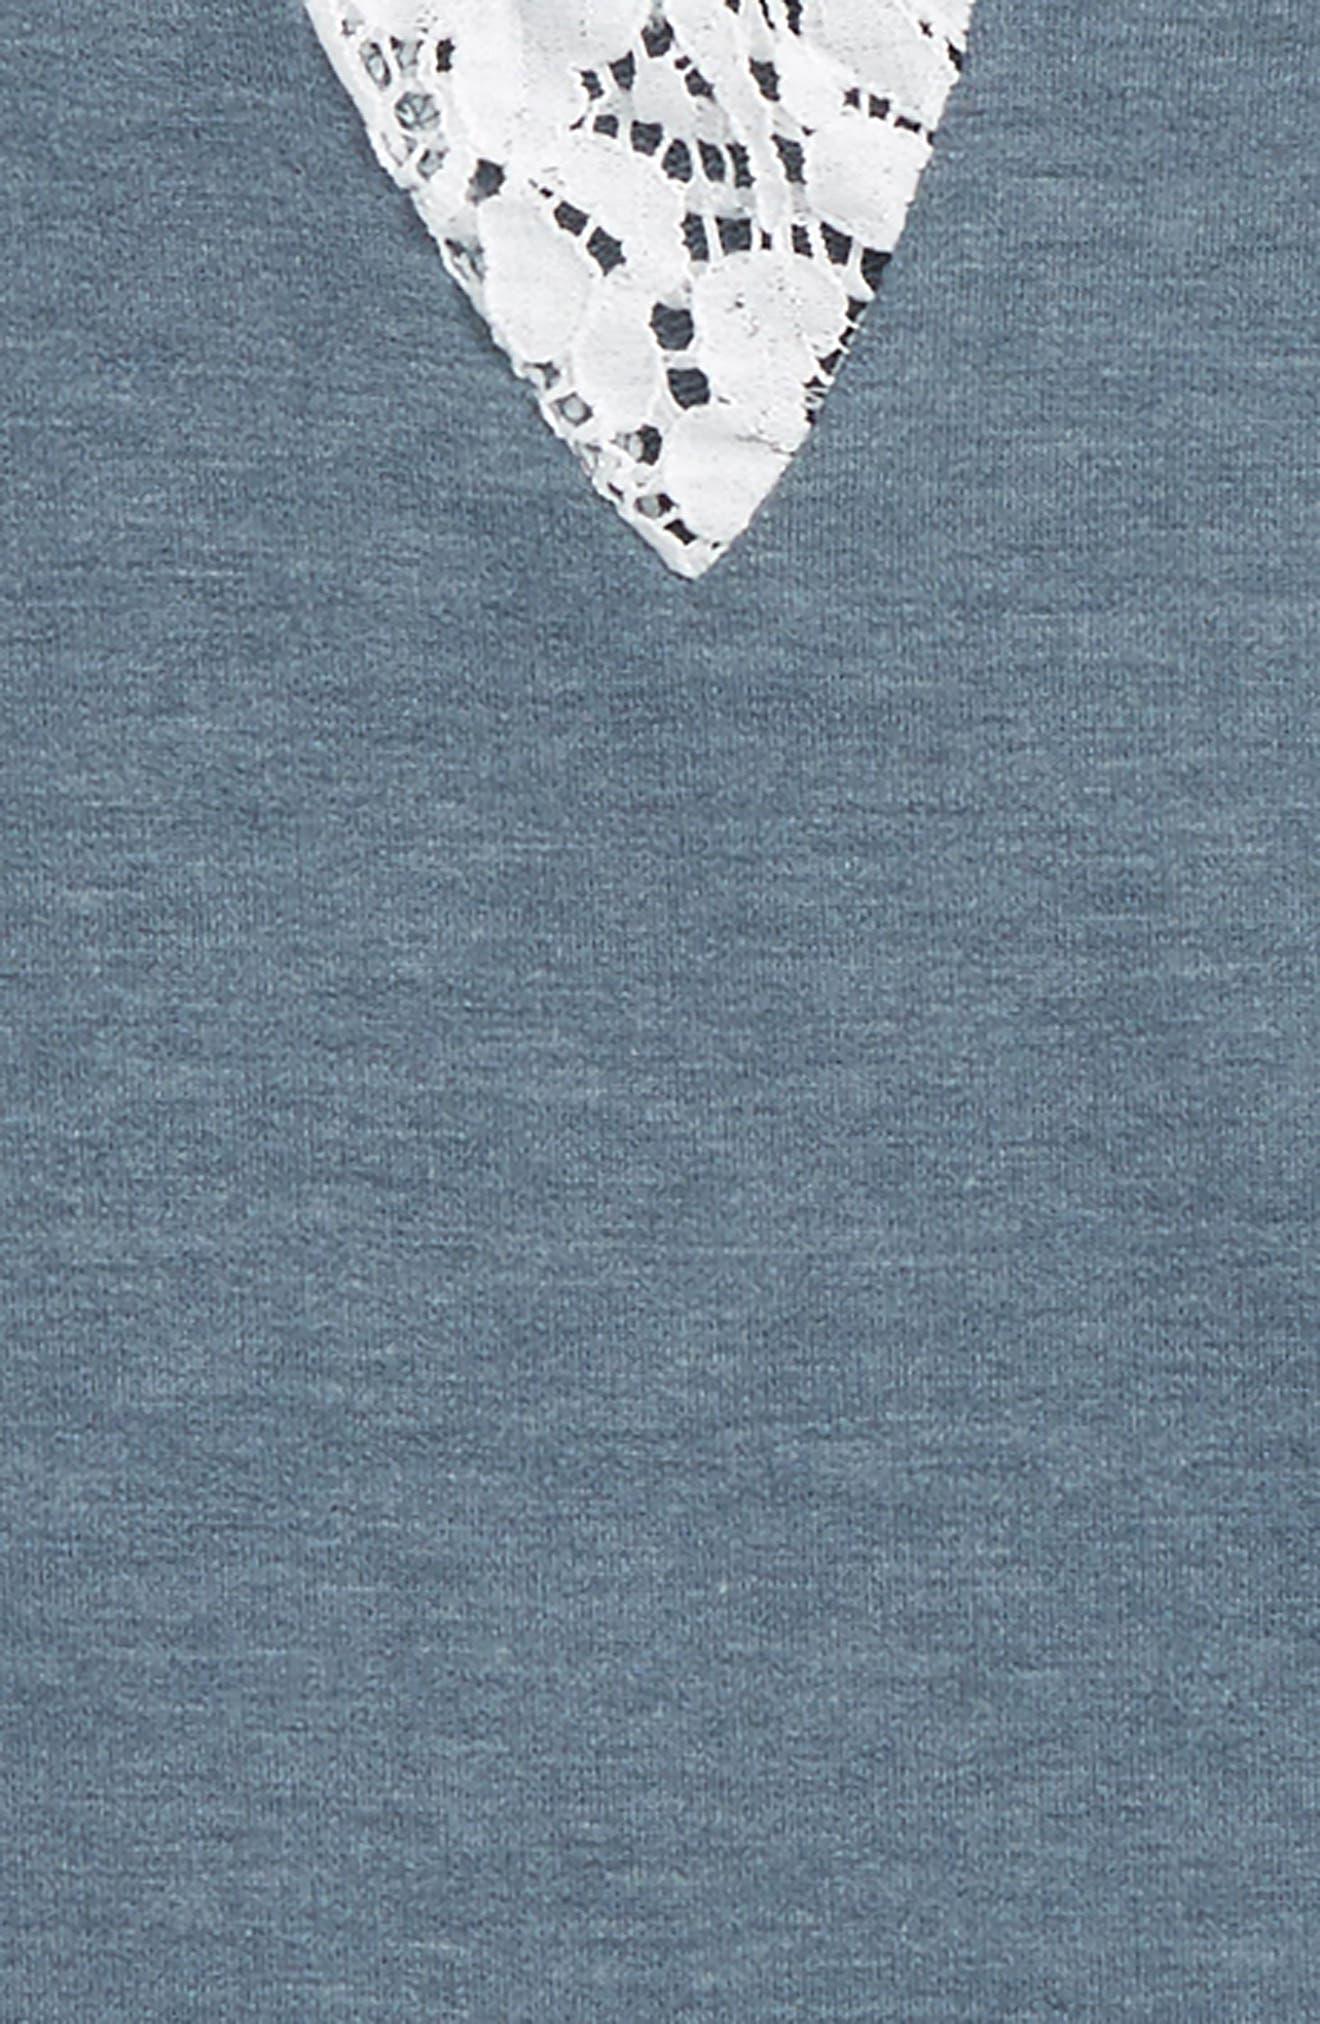 Lace Inset Sweatshirt,                             Alternate thumbnail 2, color,                             421